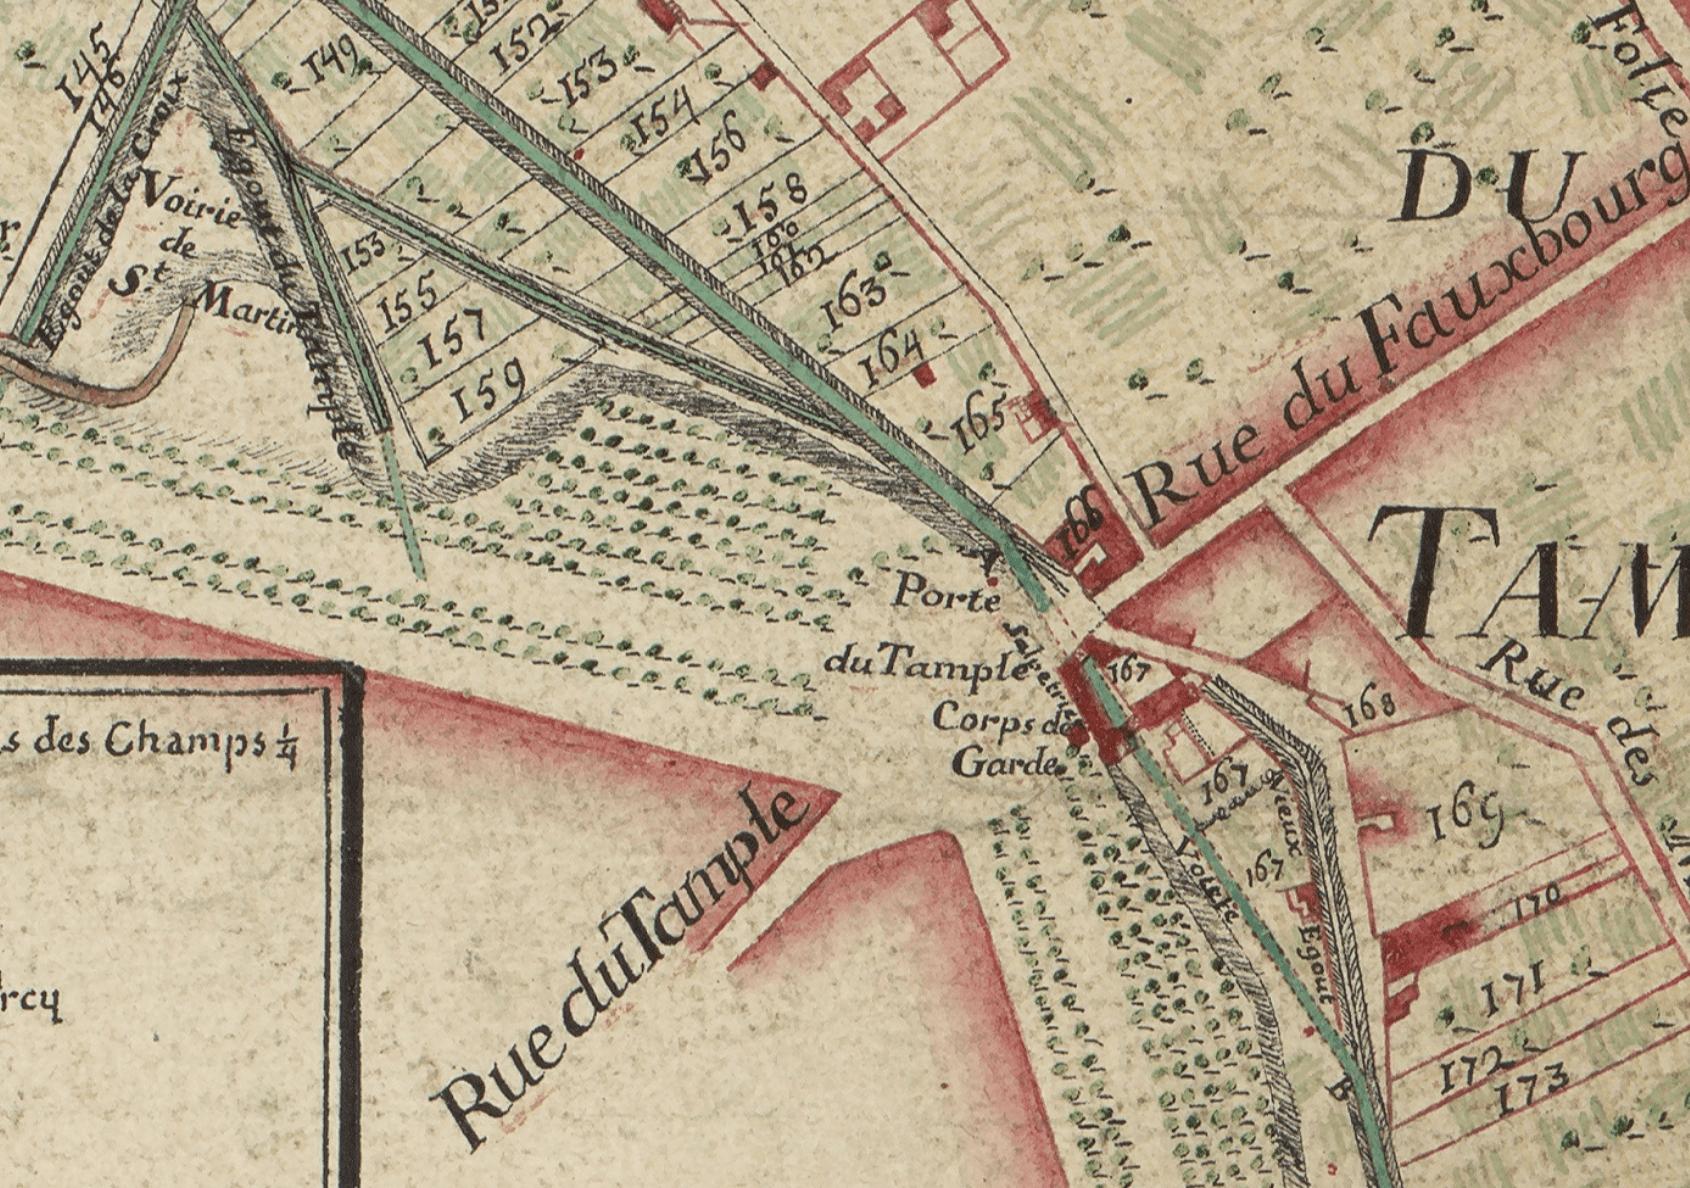 """(Extrait) """"Plan du grand égout découvert avec ses ambranchement, depuis le pont aux choux jusqu'à la Savonnerie au bas de Chaillot... avec le détail des héritages sur lesquels passe ledit égout. Le grand égout s'exécutte actuellement sous les ordres de M. Turgot, Prevost des marchands et avec les dessein du S. Beausire,..."""" ;1738 (Source : Ville de Paris / BHVP ; cote G 149-2)"""